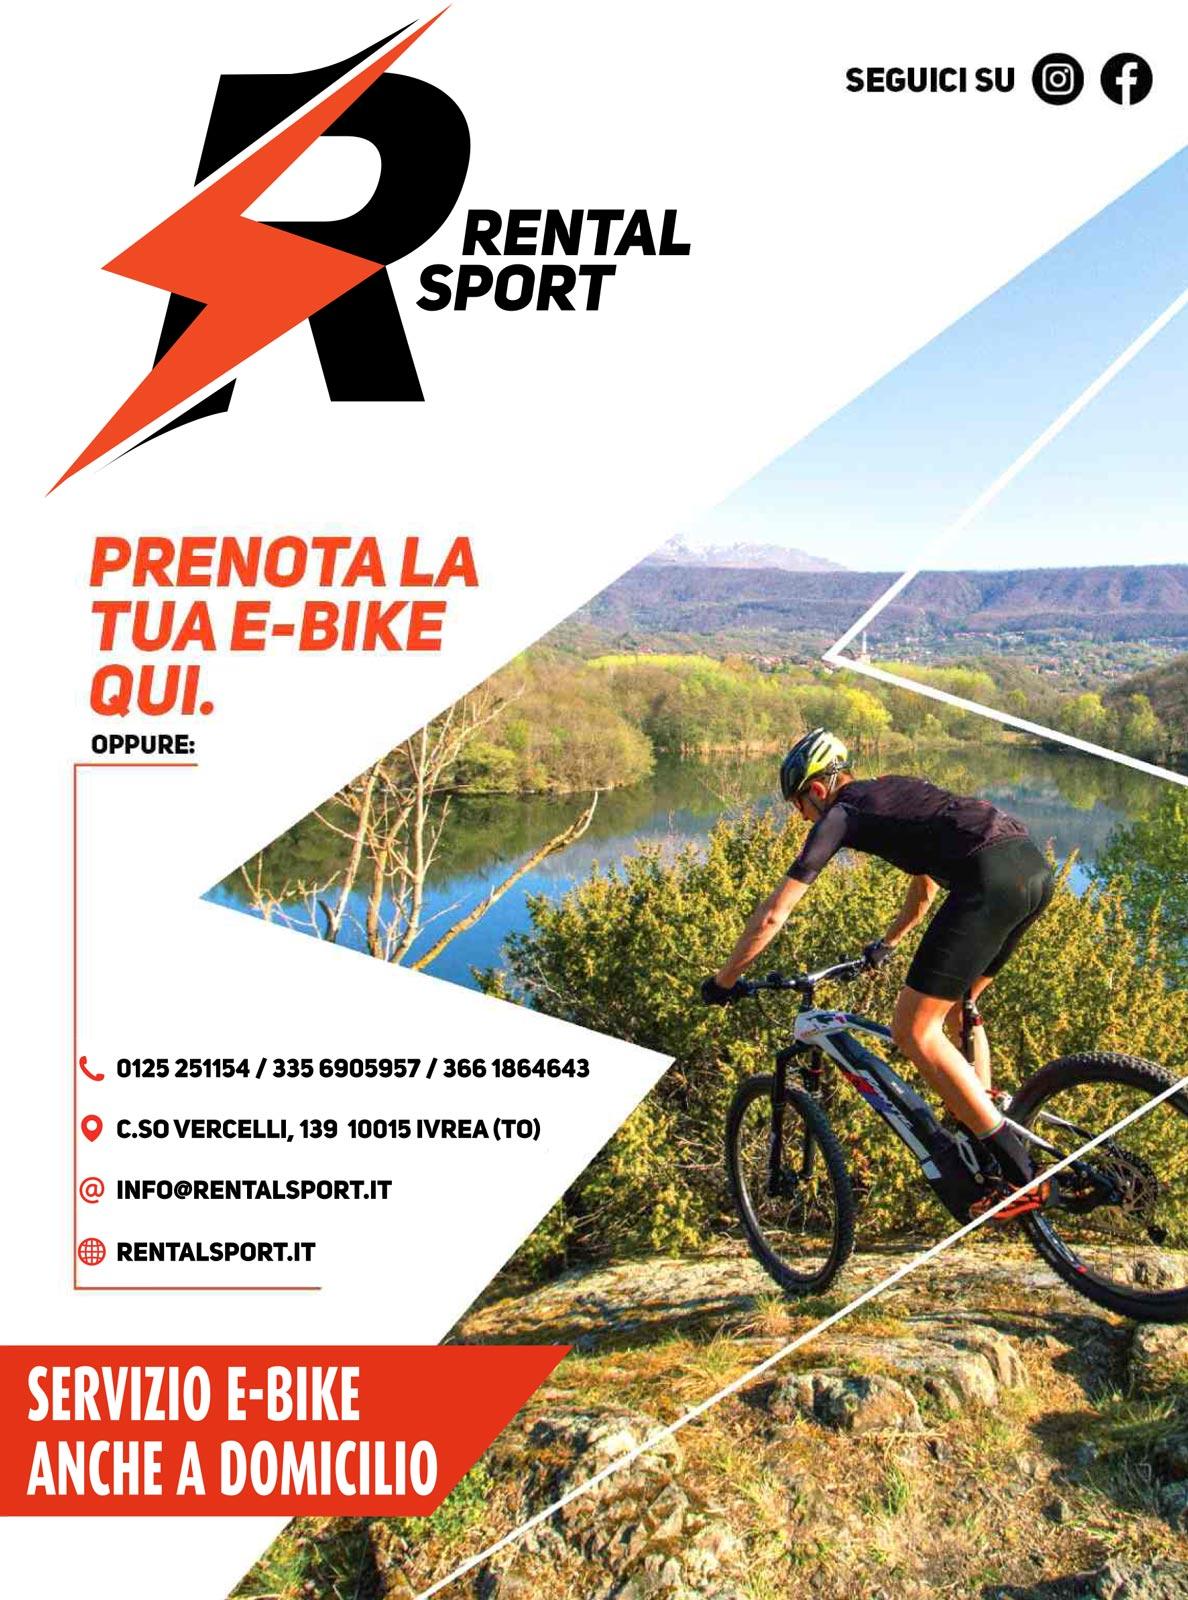 Rental Sport - Noleggia l'attrezzatura per lo sport che preferisci